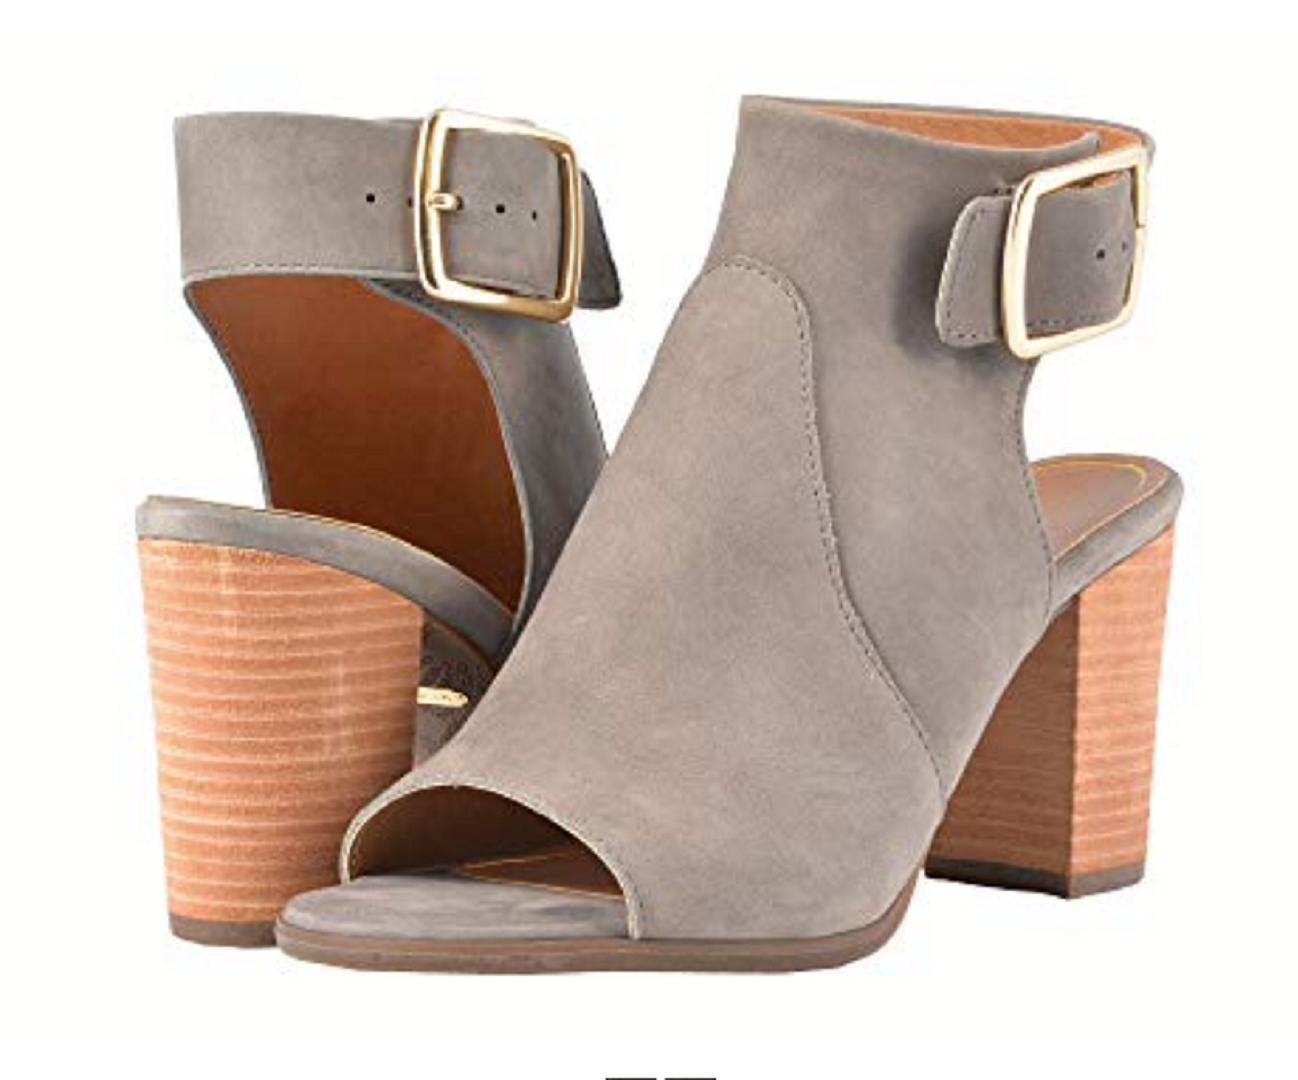 Vionic Orthaheel PERK BLAKELY Leder Heeled Sandales Sandales Sandales Schuhes GRAY Größe 10M NIB 80aa47